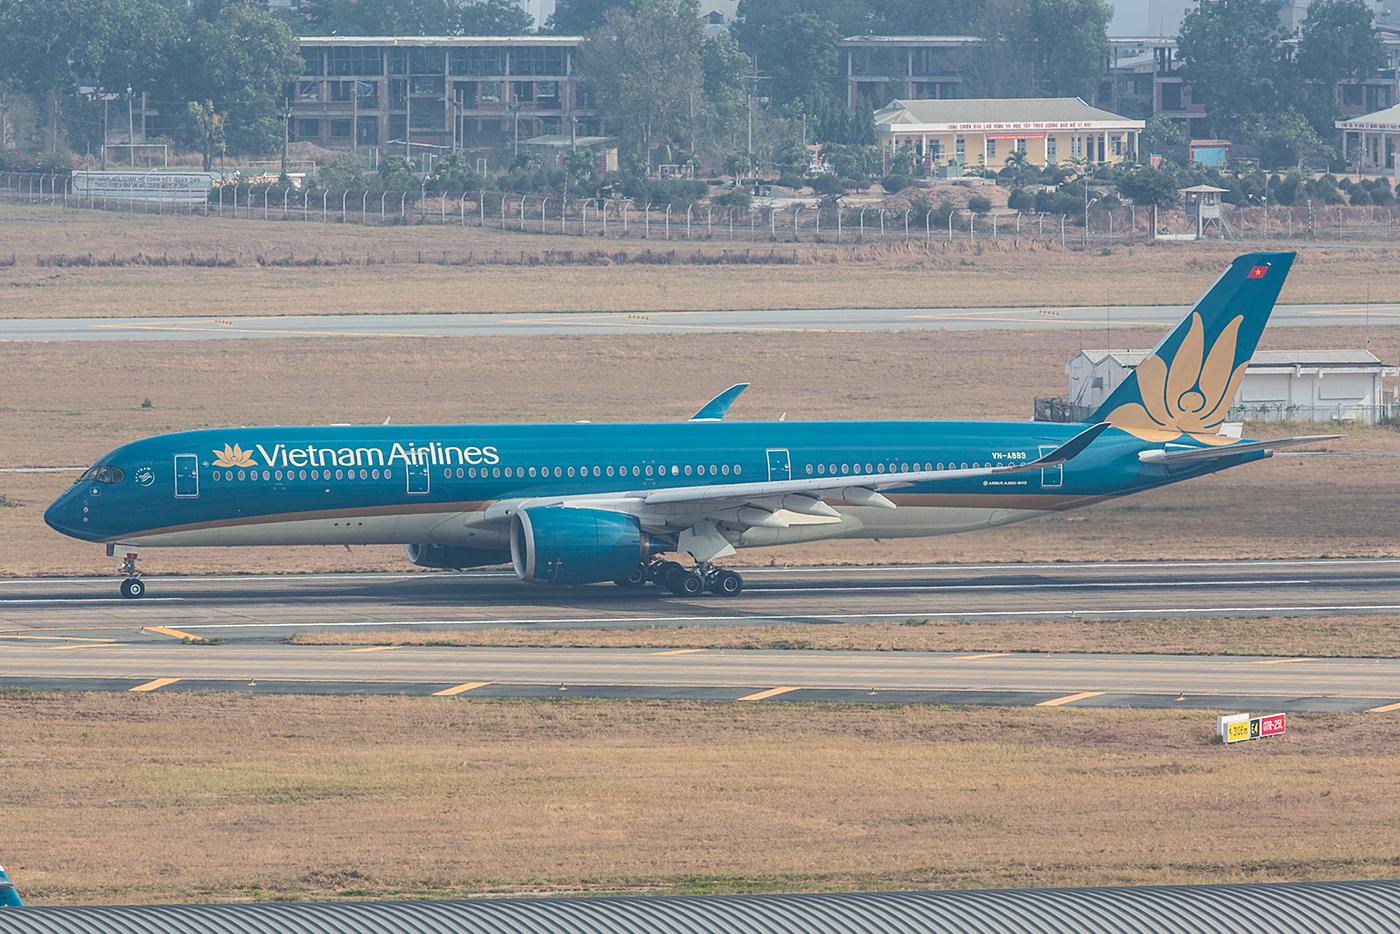 Auch in Vietnam ist es nicht einfach die A350 zu bekommen, sie fliegen fast ausschließlich Fernstrecken zu ungünstigen Zeiten.